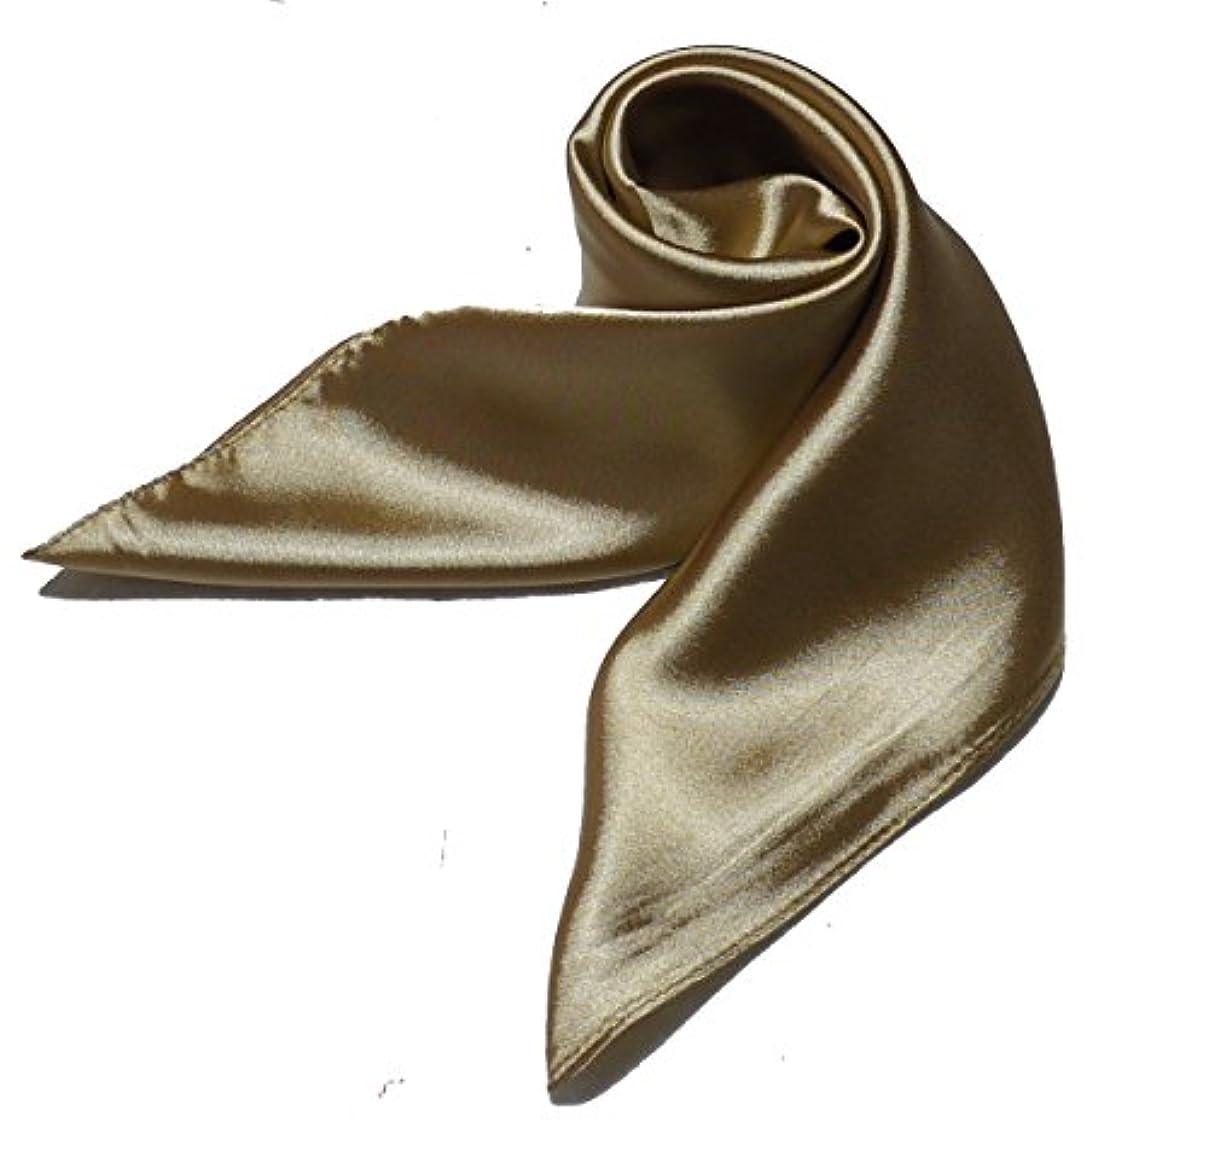 通訳安全性ペインギリック厳選全10色スカーフ 中判60角スカーフ 純色企業制服 レディーズ 無地柄UVカット 美しさ際立つ 大人のスカーフ シルク調スカーフ